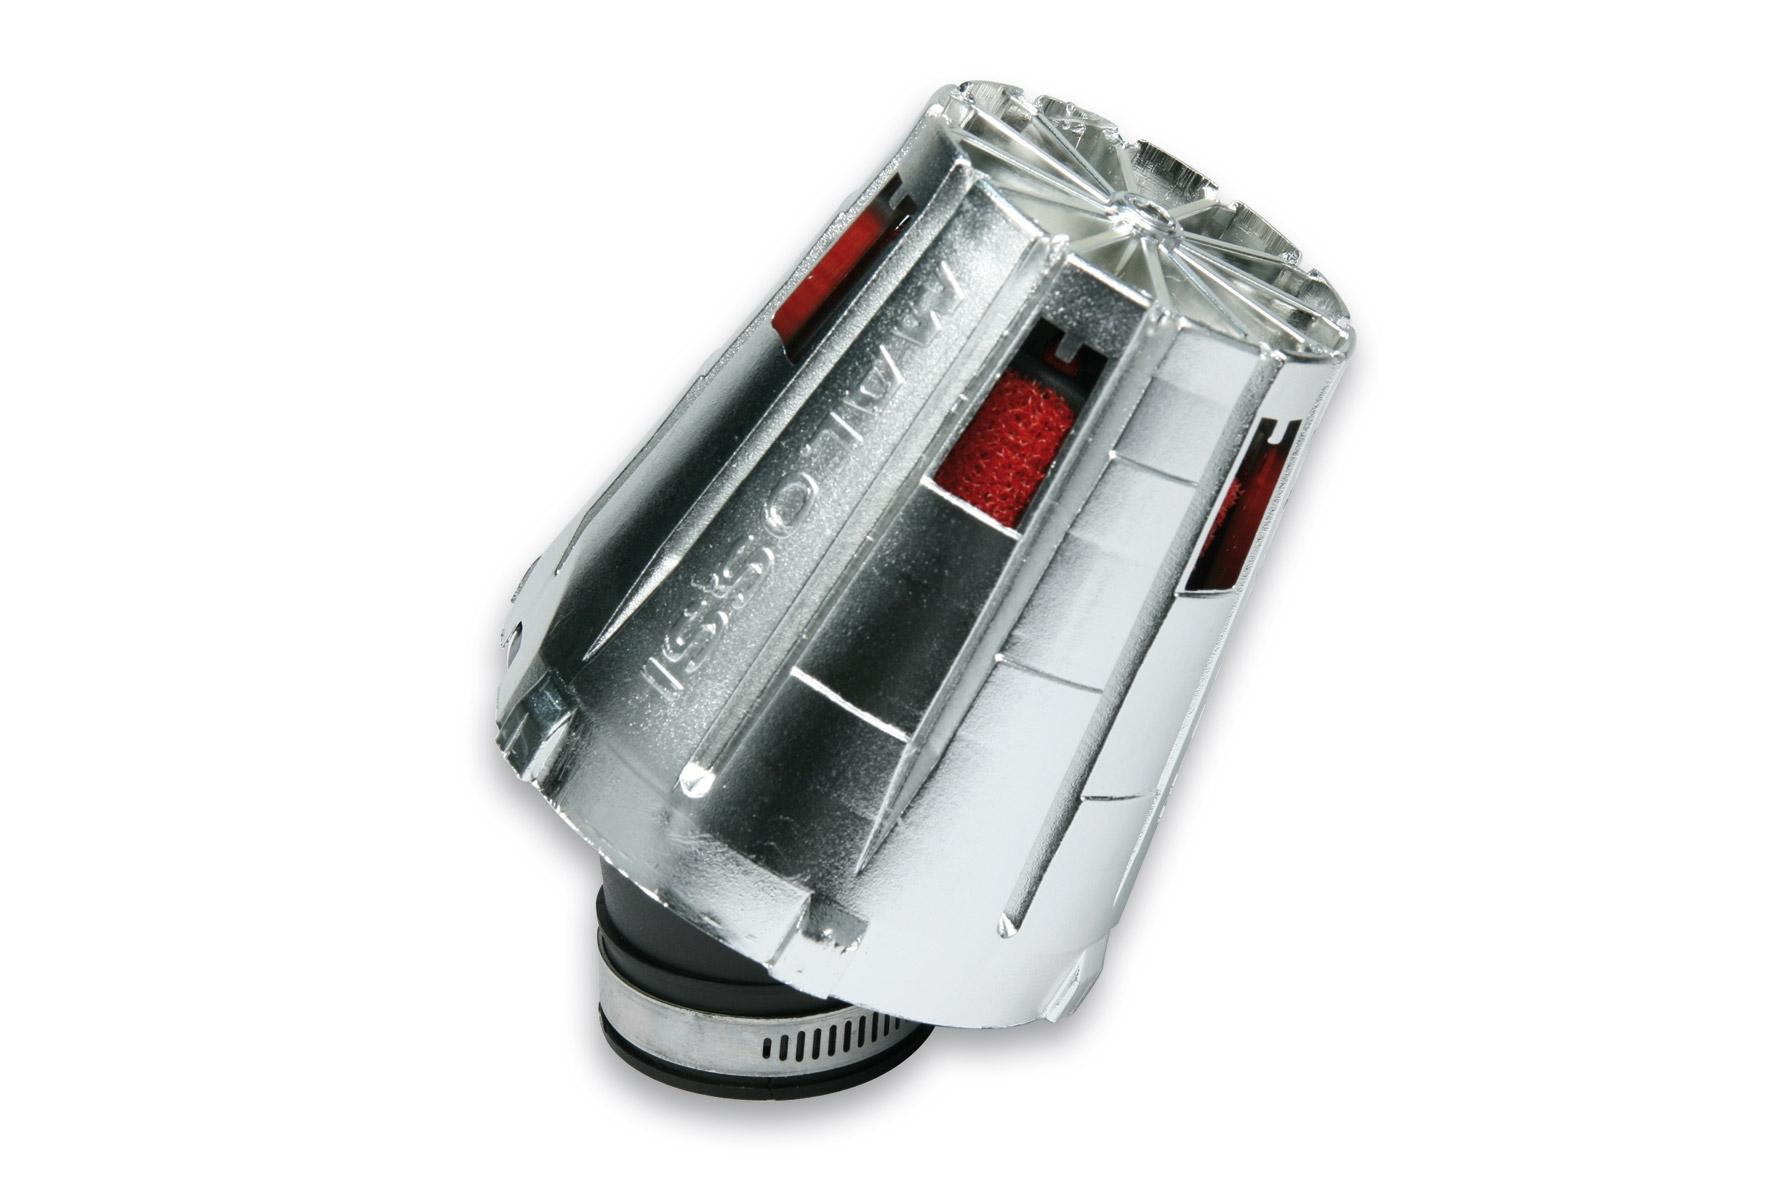 Filtre à air Malossi Red Filter E5 D.38 incliné 30 couvercle chromé